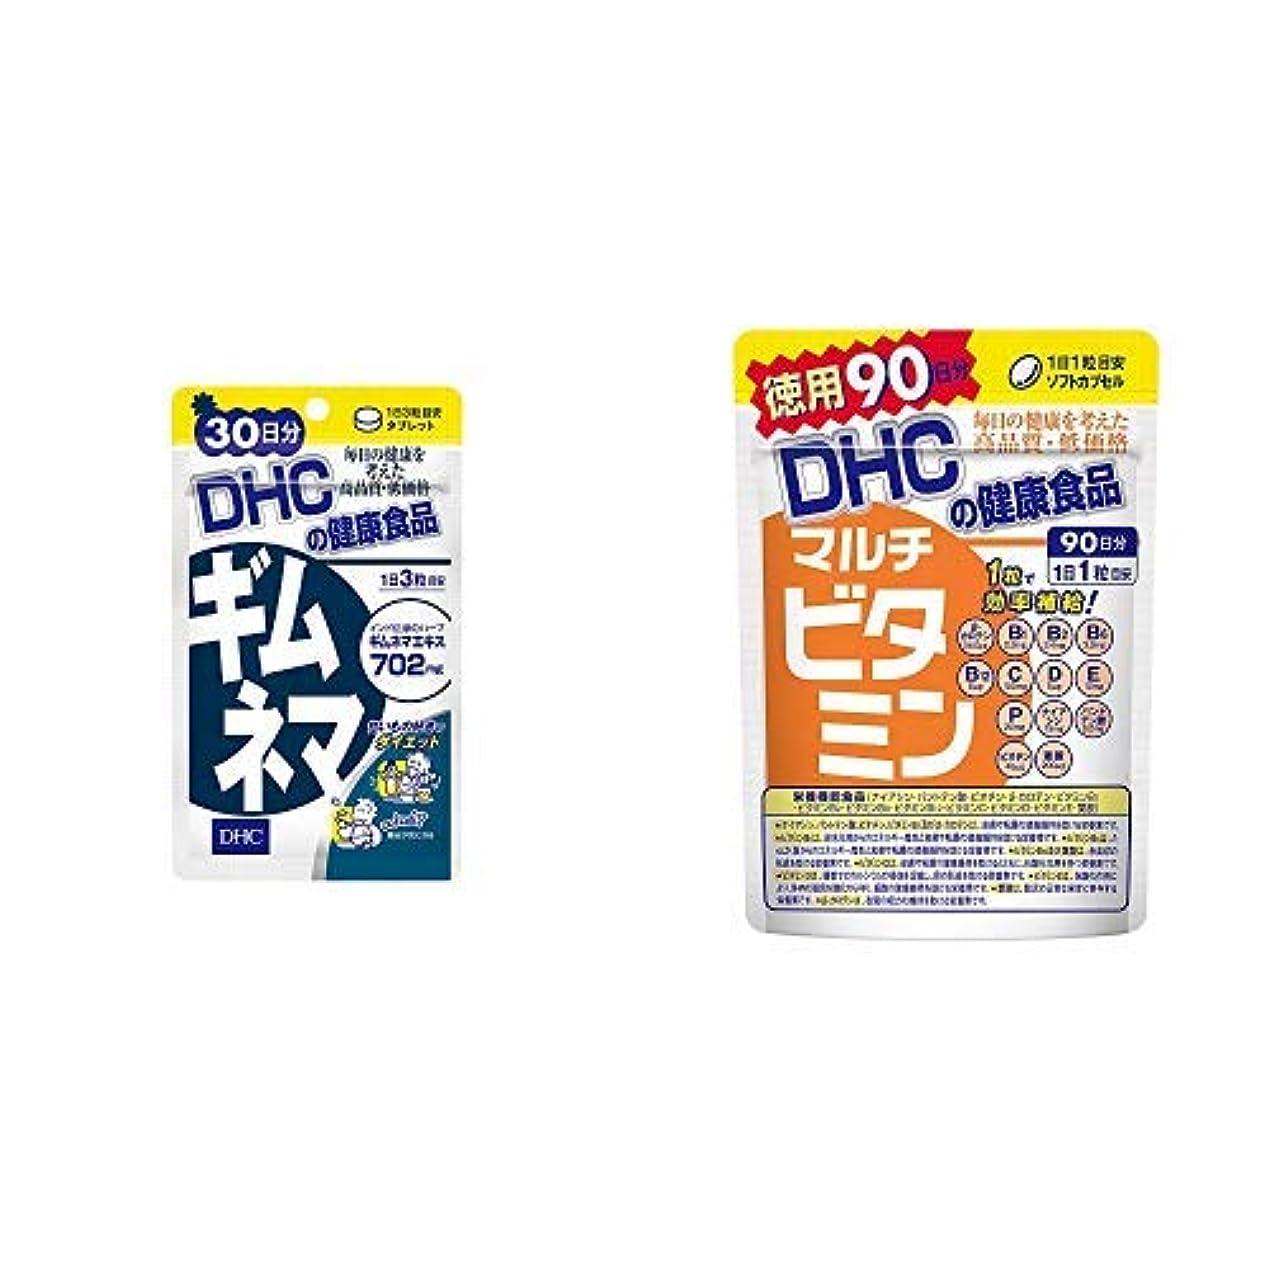 勤勉な分岐する注意DHC ギムネマ 30日分 & マルチビタミン 徳用90日分